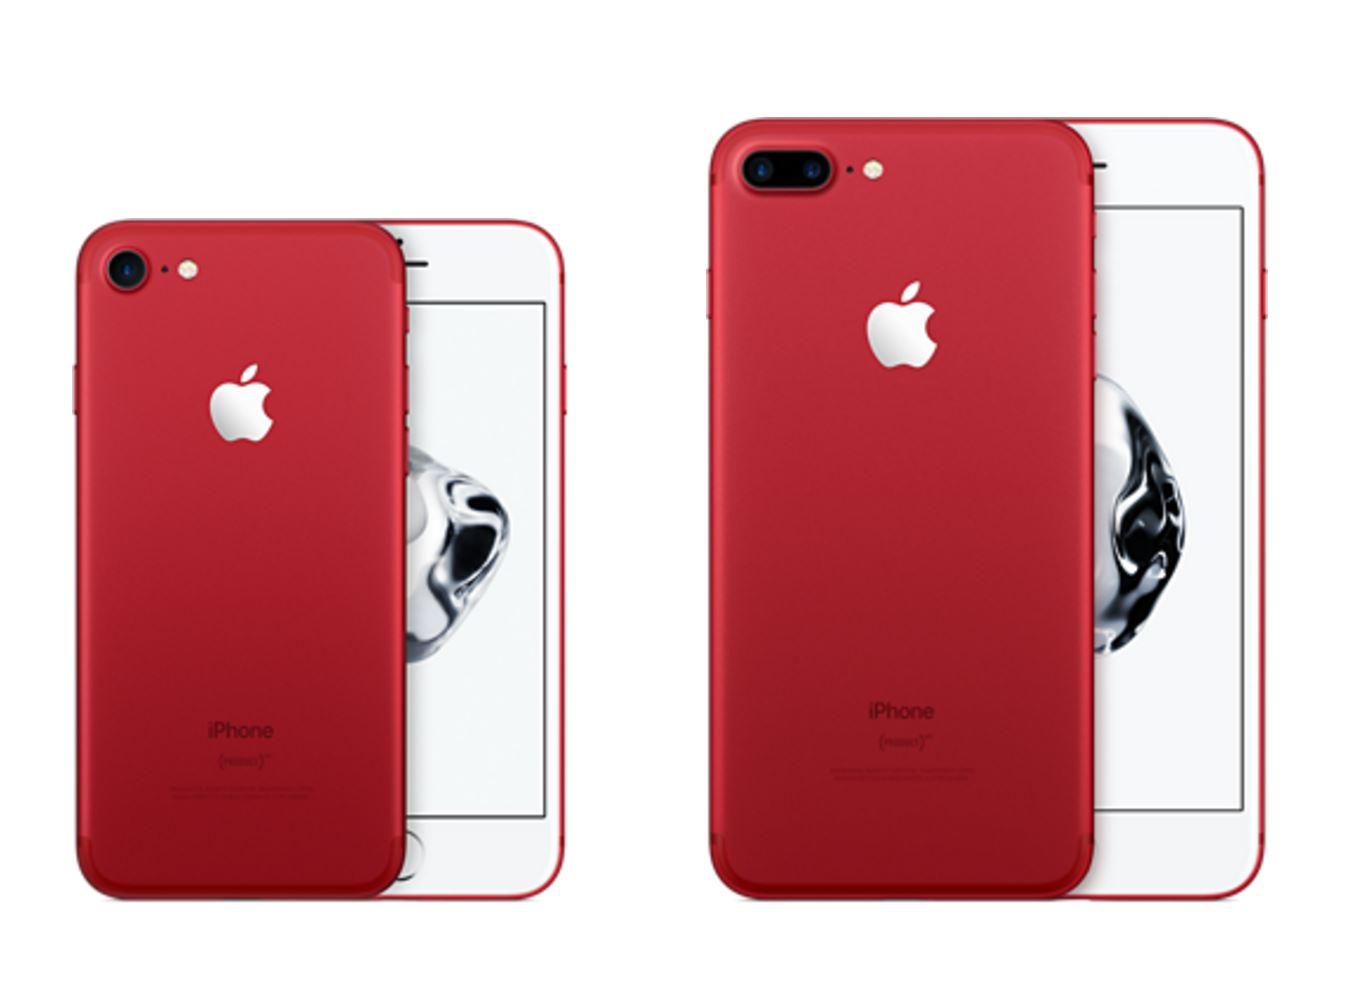 apple lance un iphone red pour lutter contre le sida. Black Bedroom Furniture Sets. Home Design Ideas